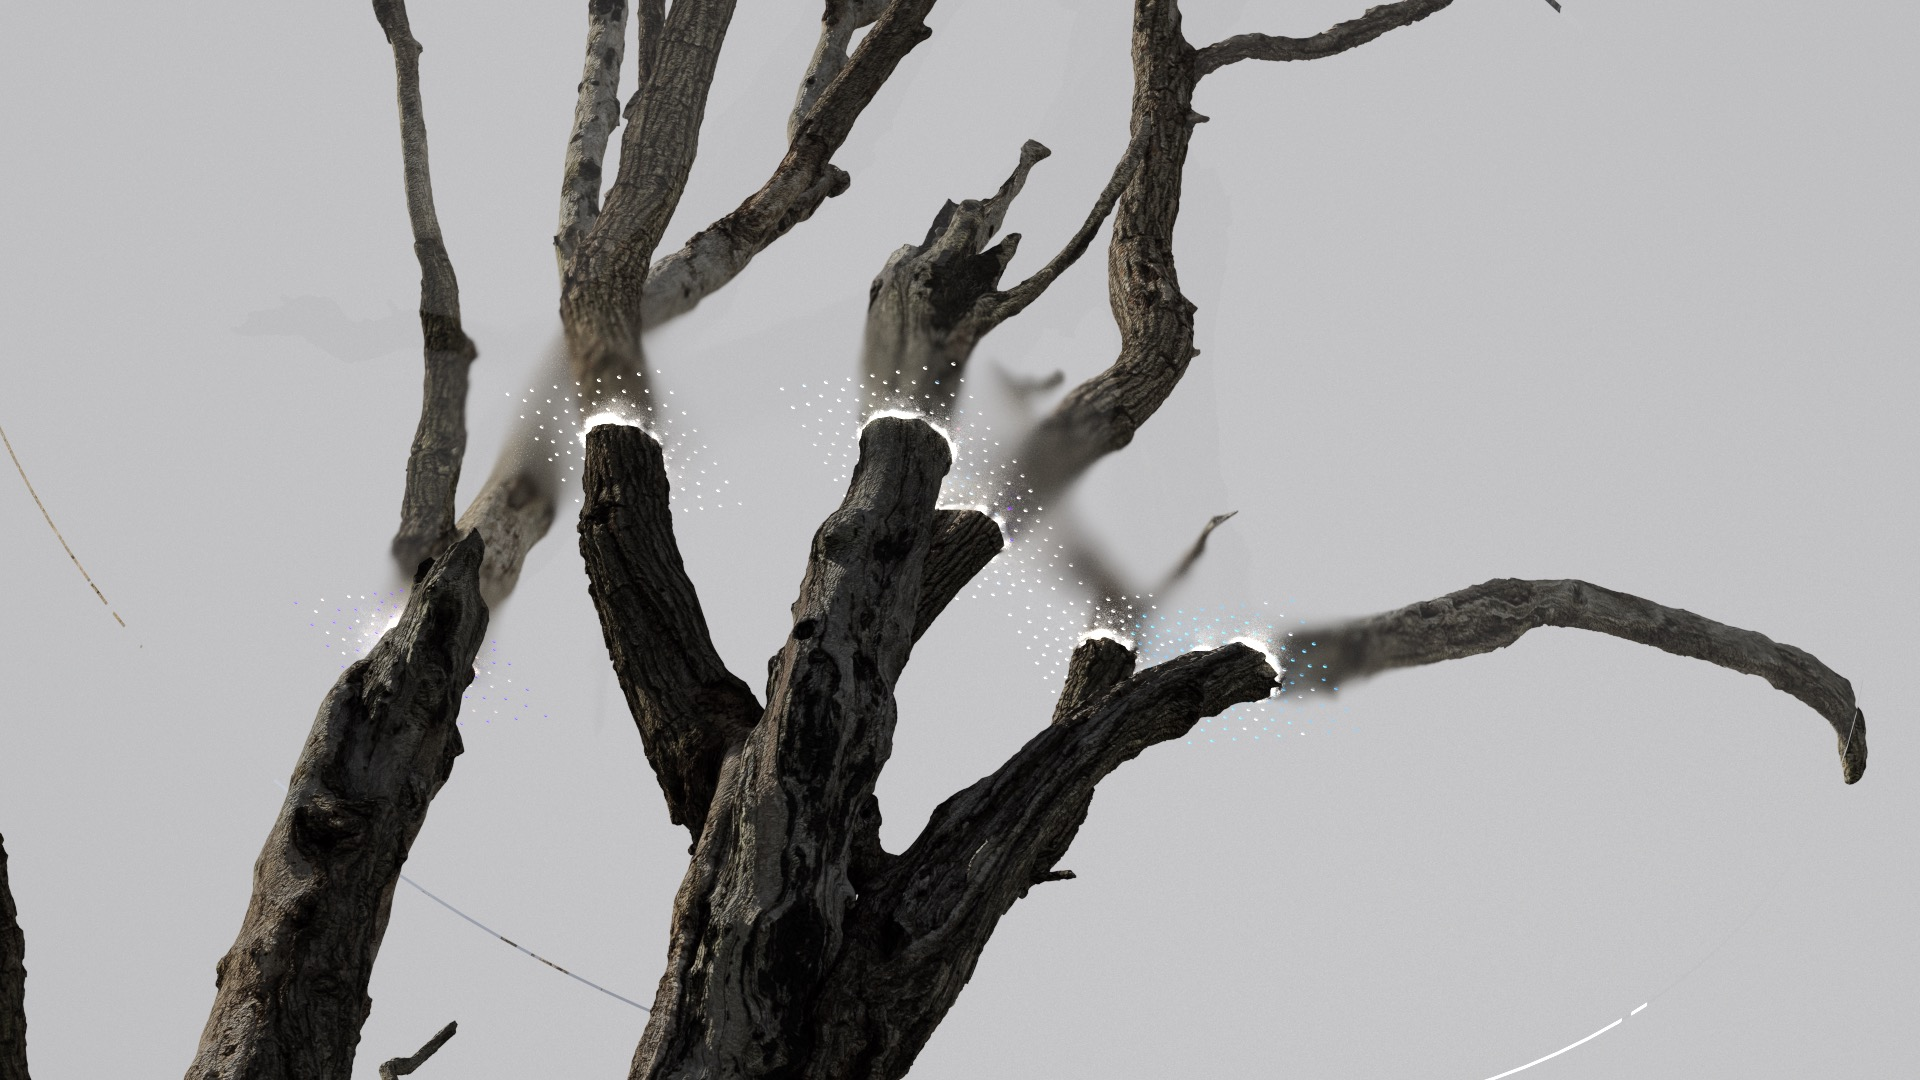 Tree Stump-10.Still_Main.0791.jpeg